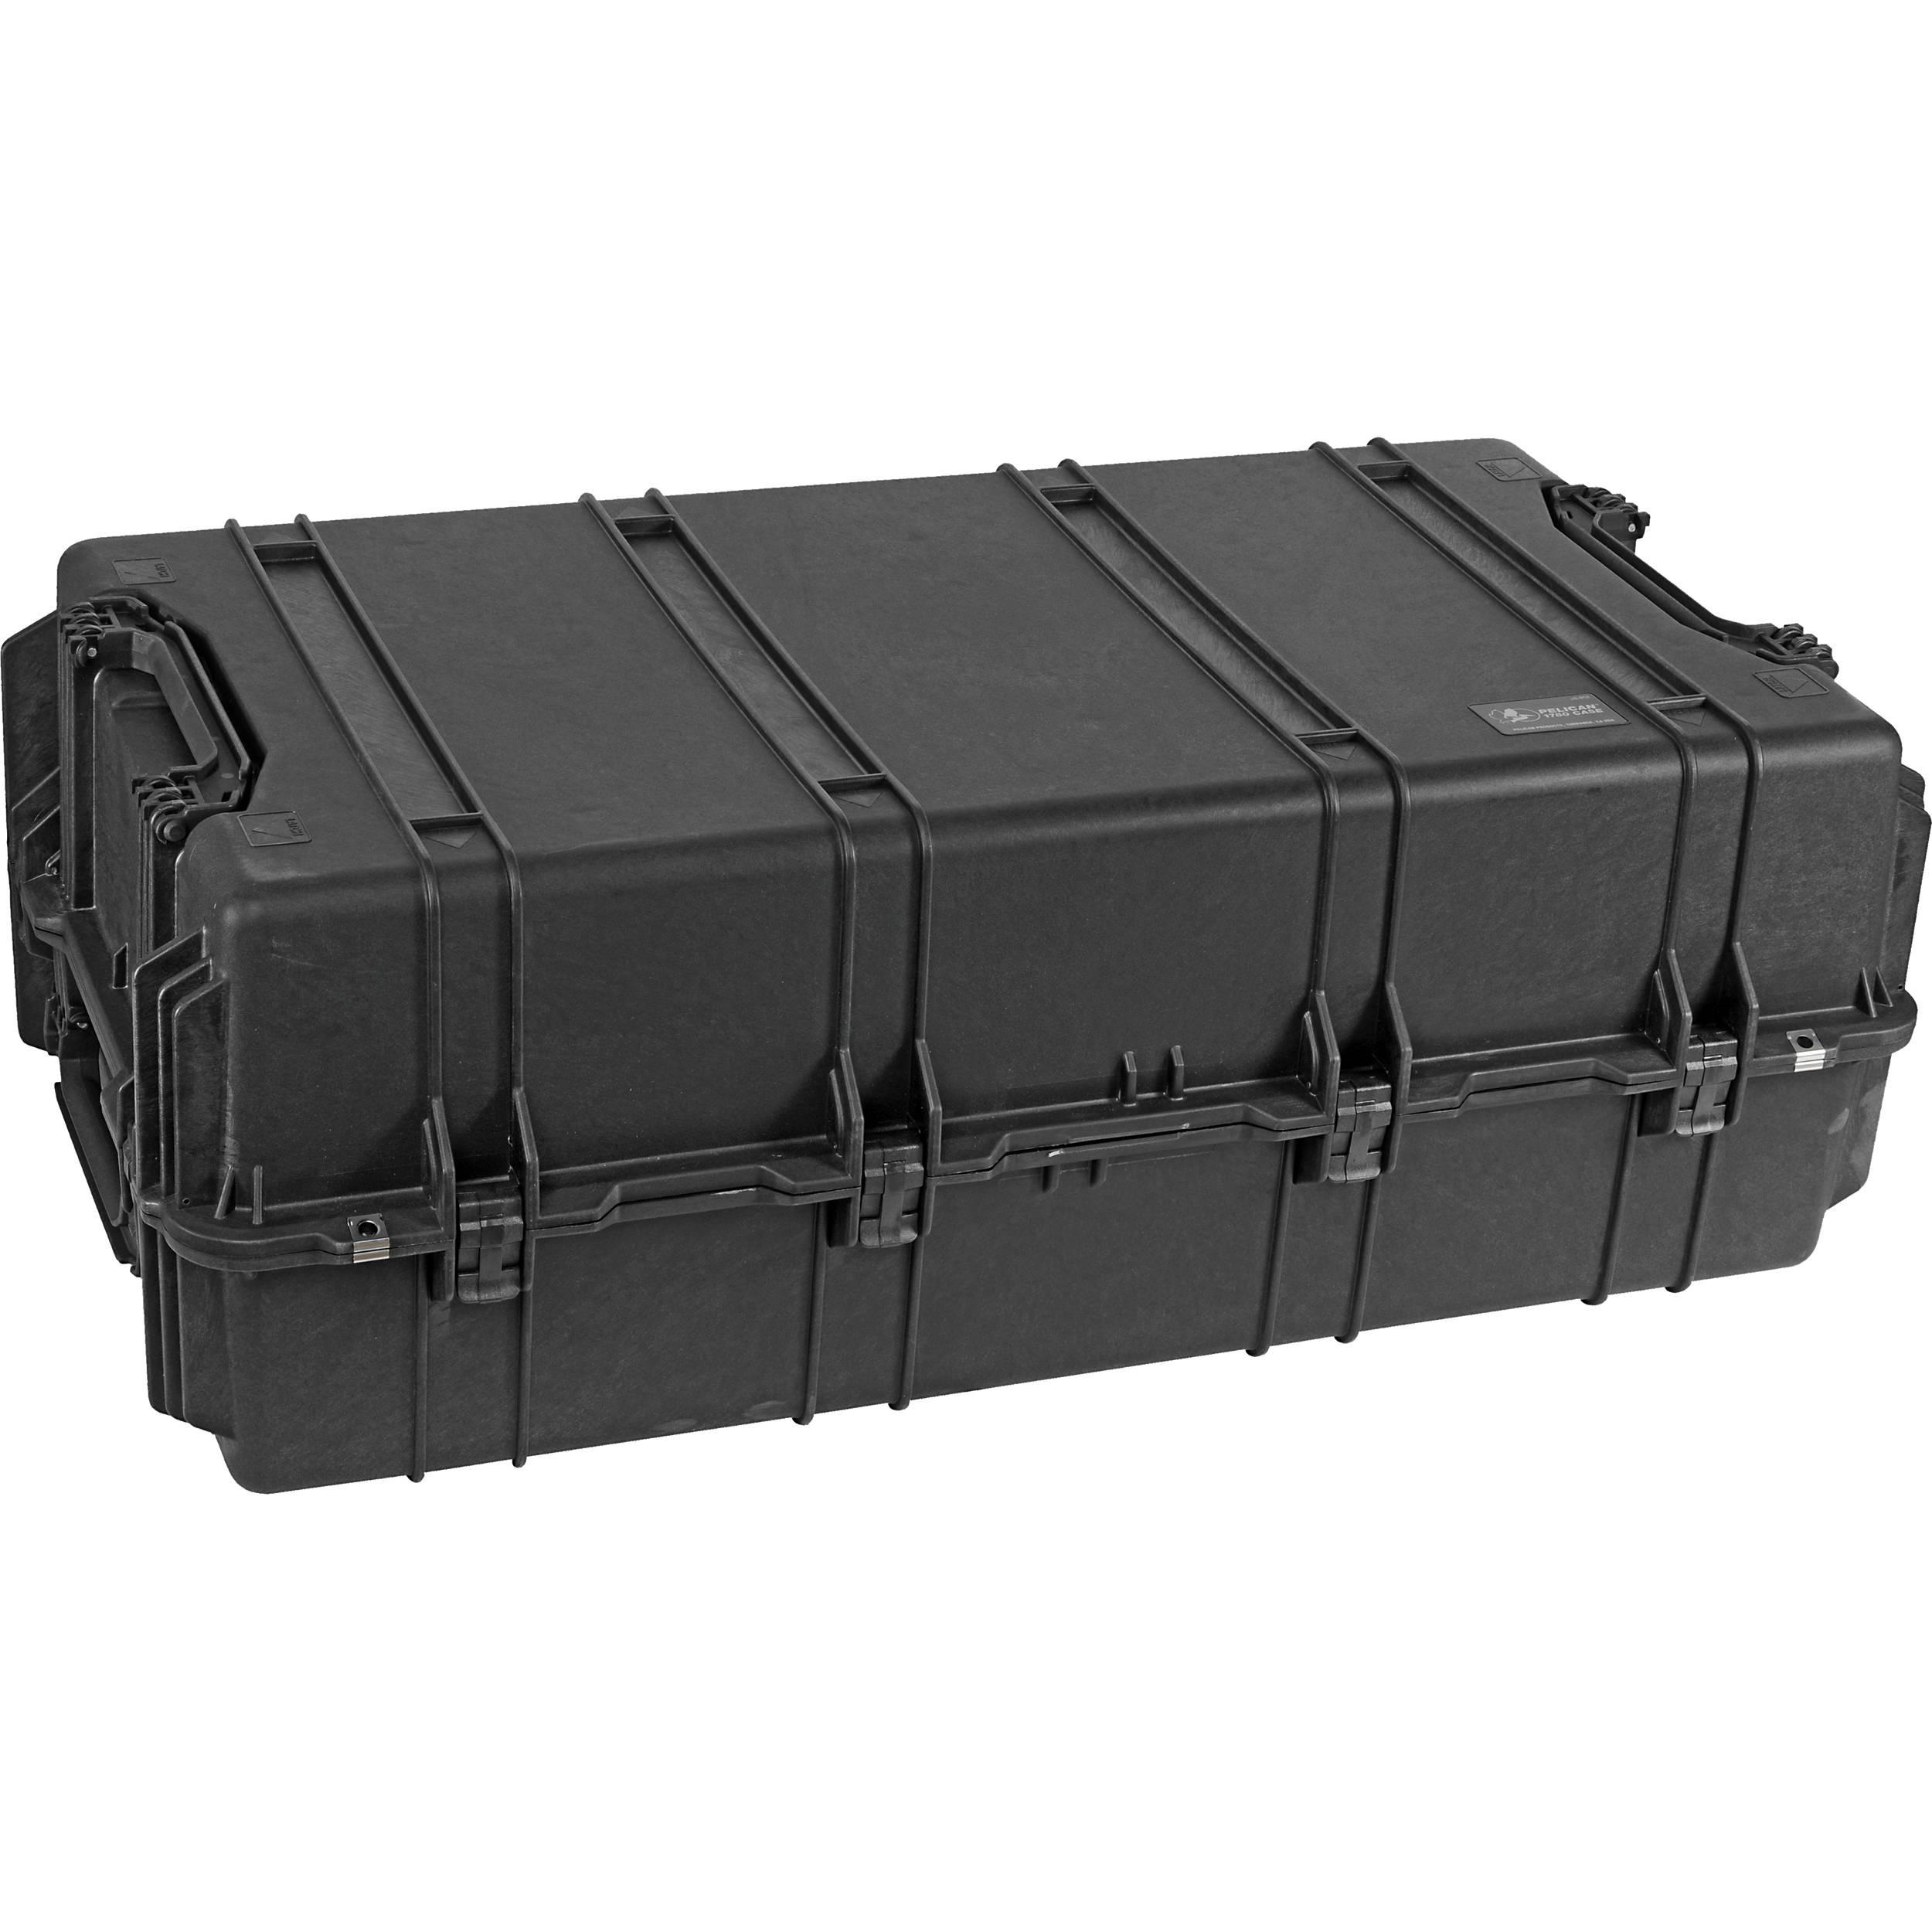 Pelican 1780TNF Transport Case without Foam (Black)